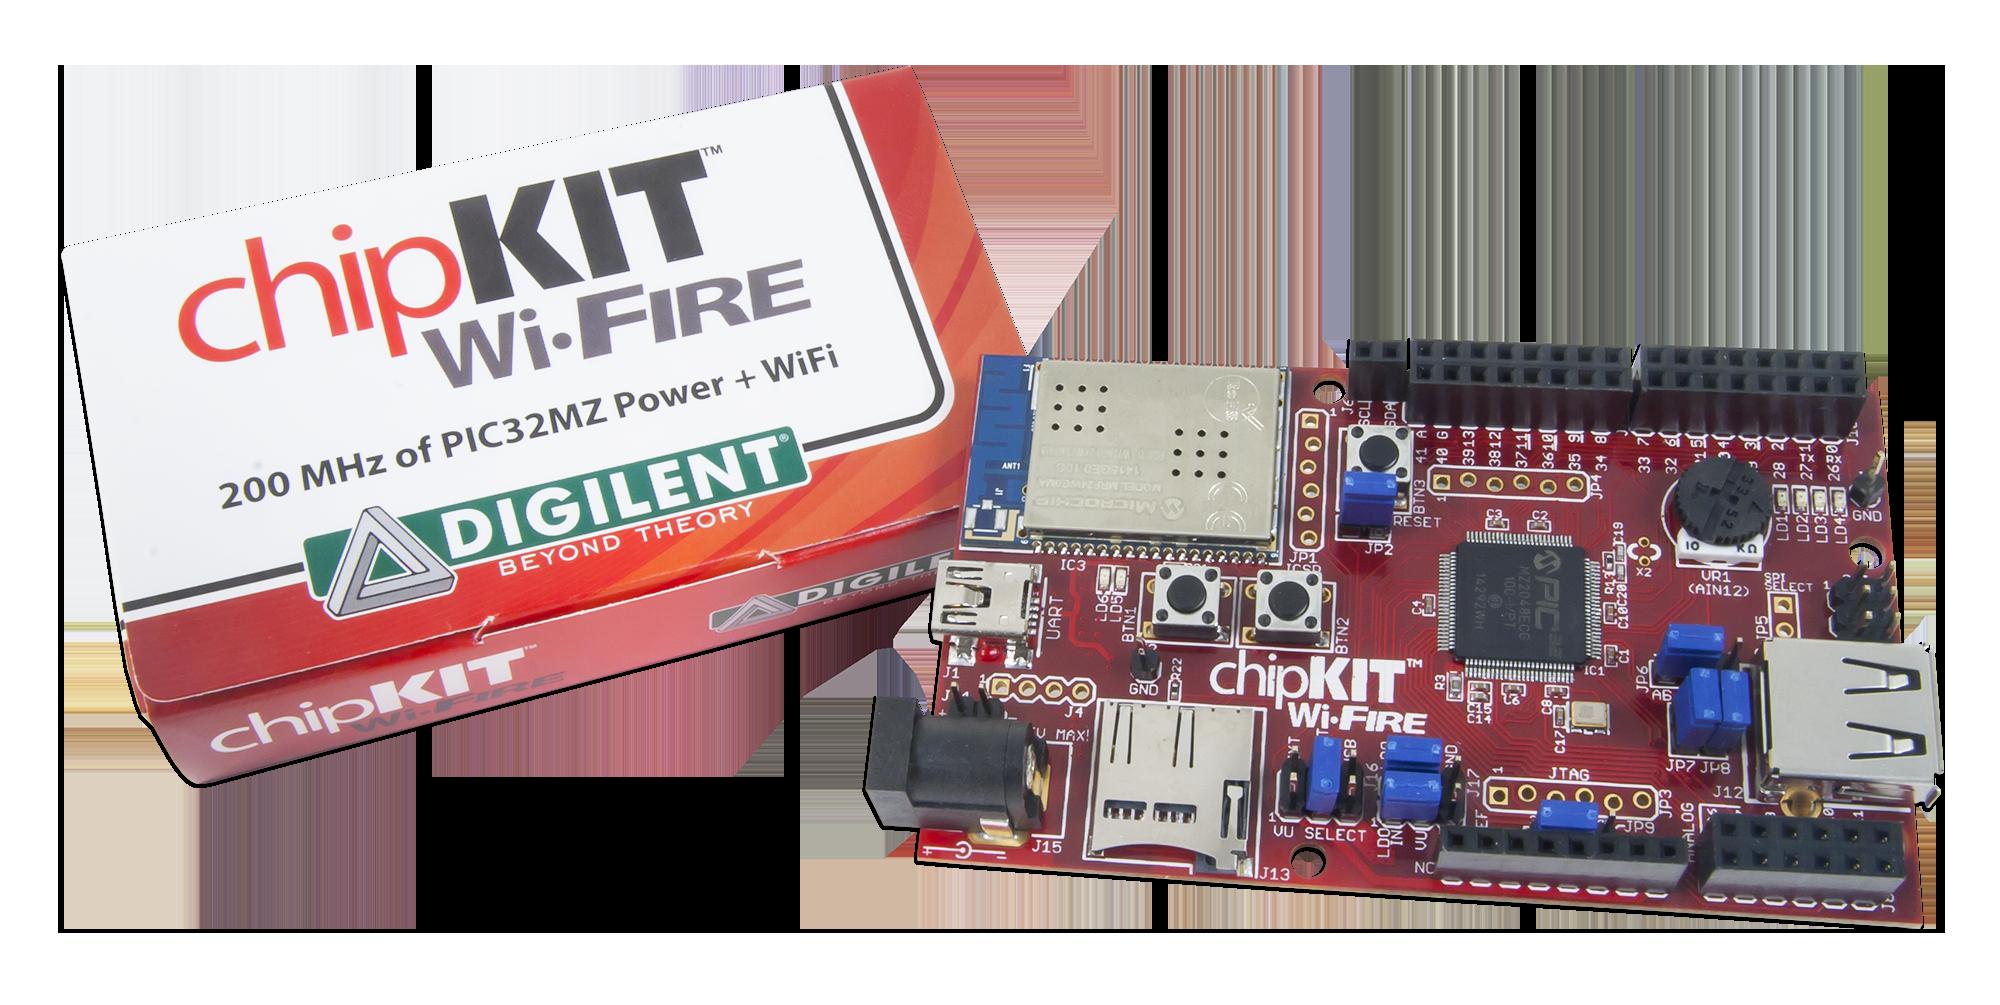 Zestaw uruchomieniowy chipKIT™ Wi-FIRE (410-302P-KIT)